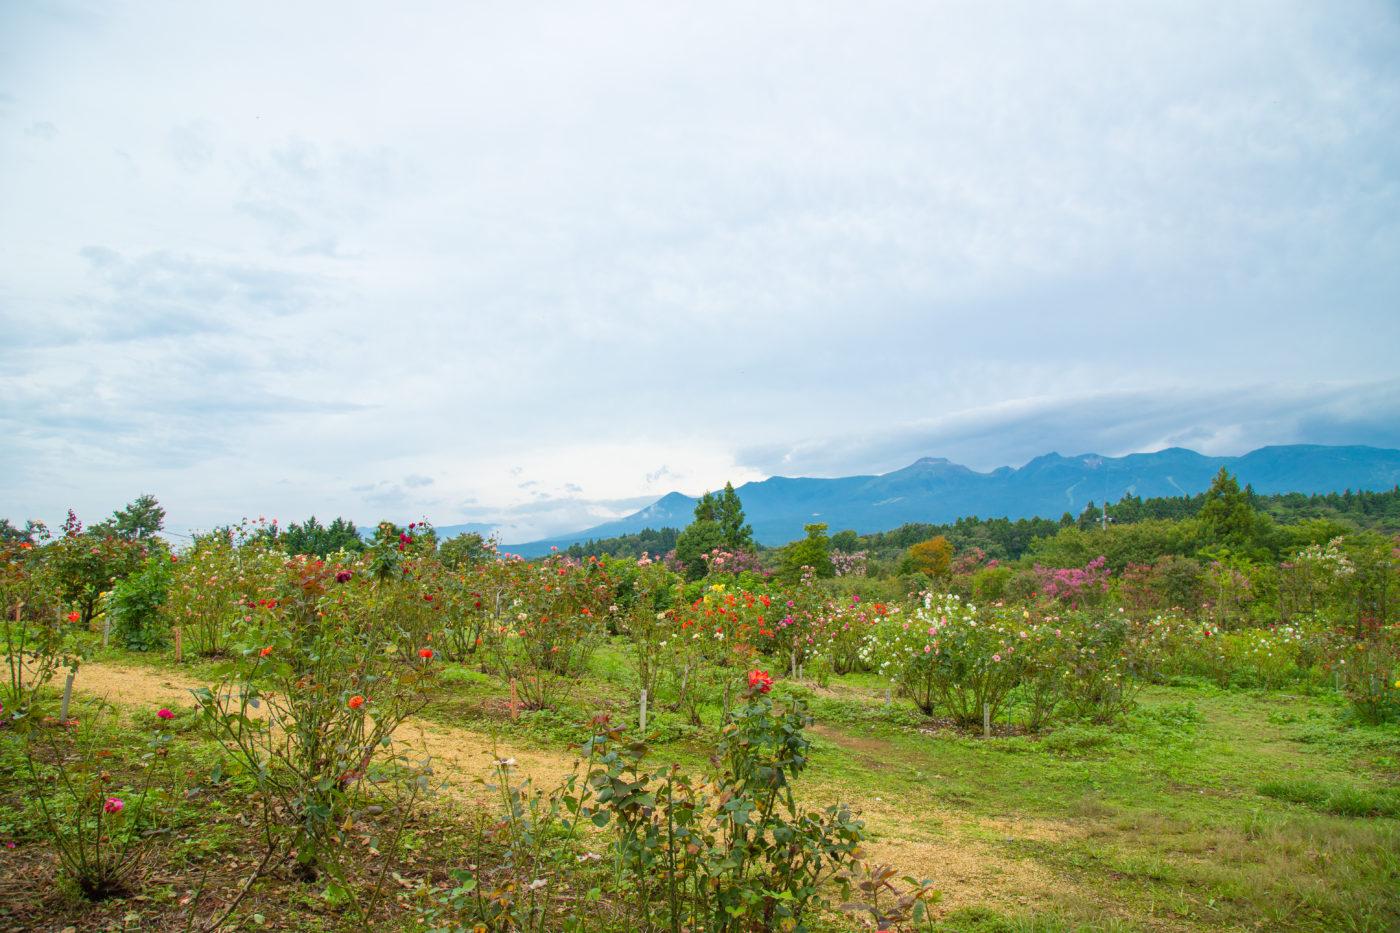 那須岳と那須フラワーワールドの様子